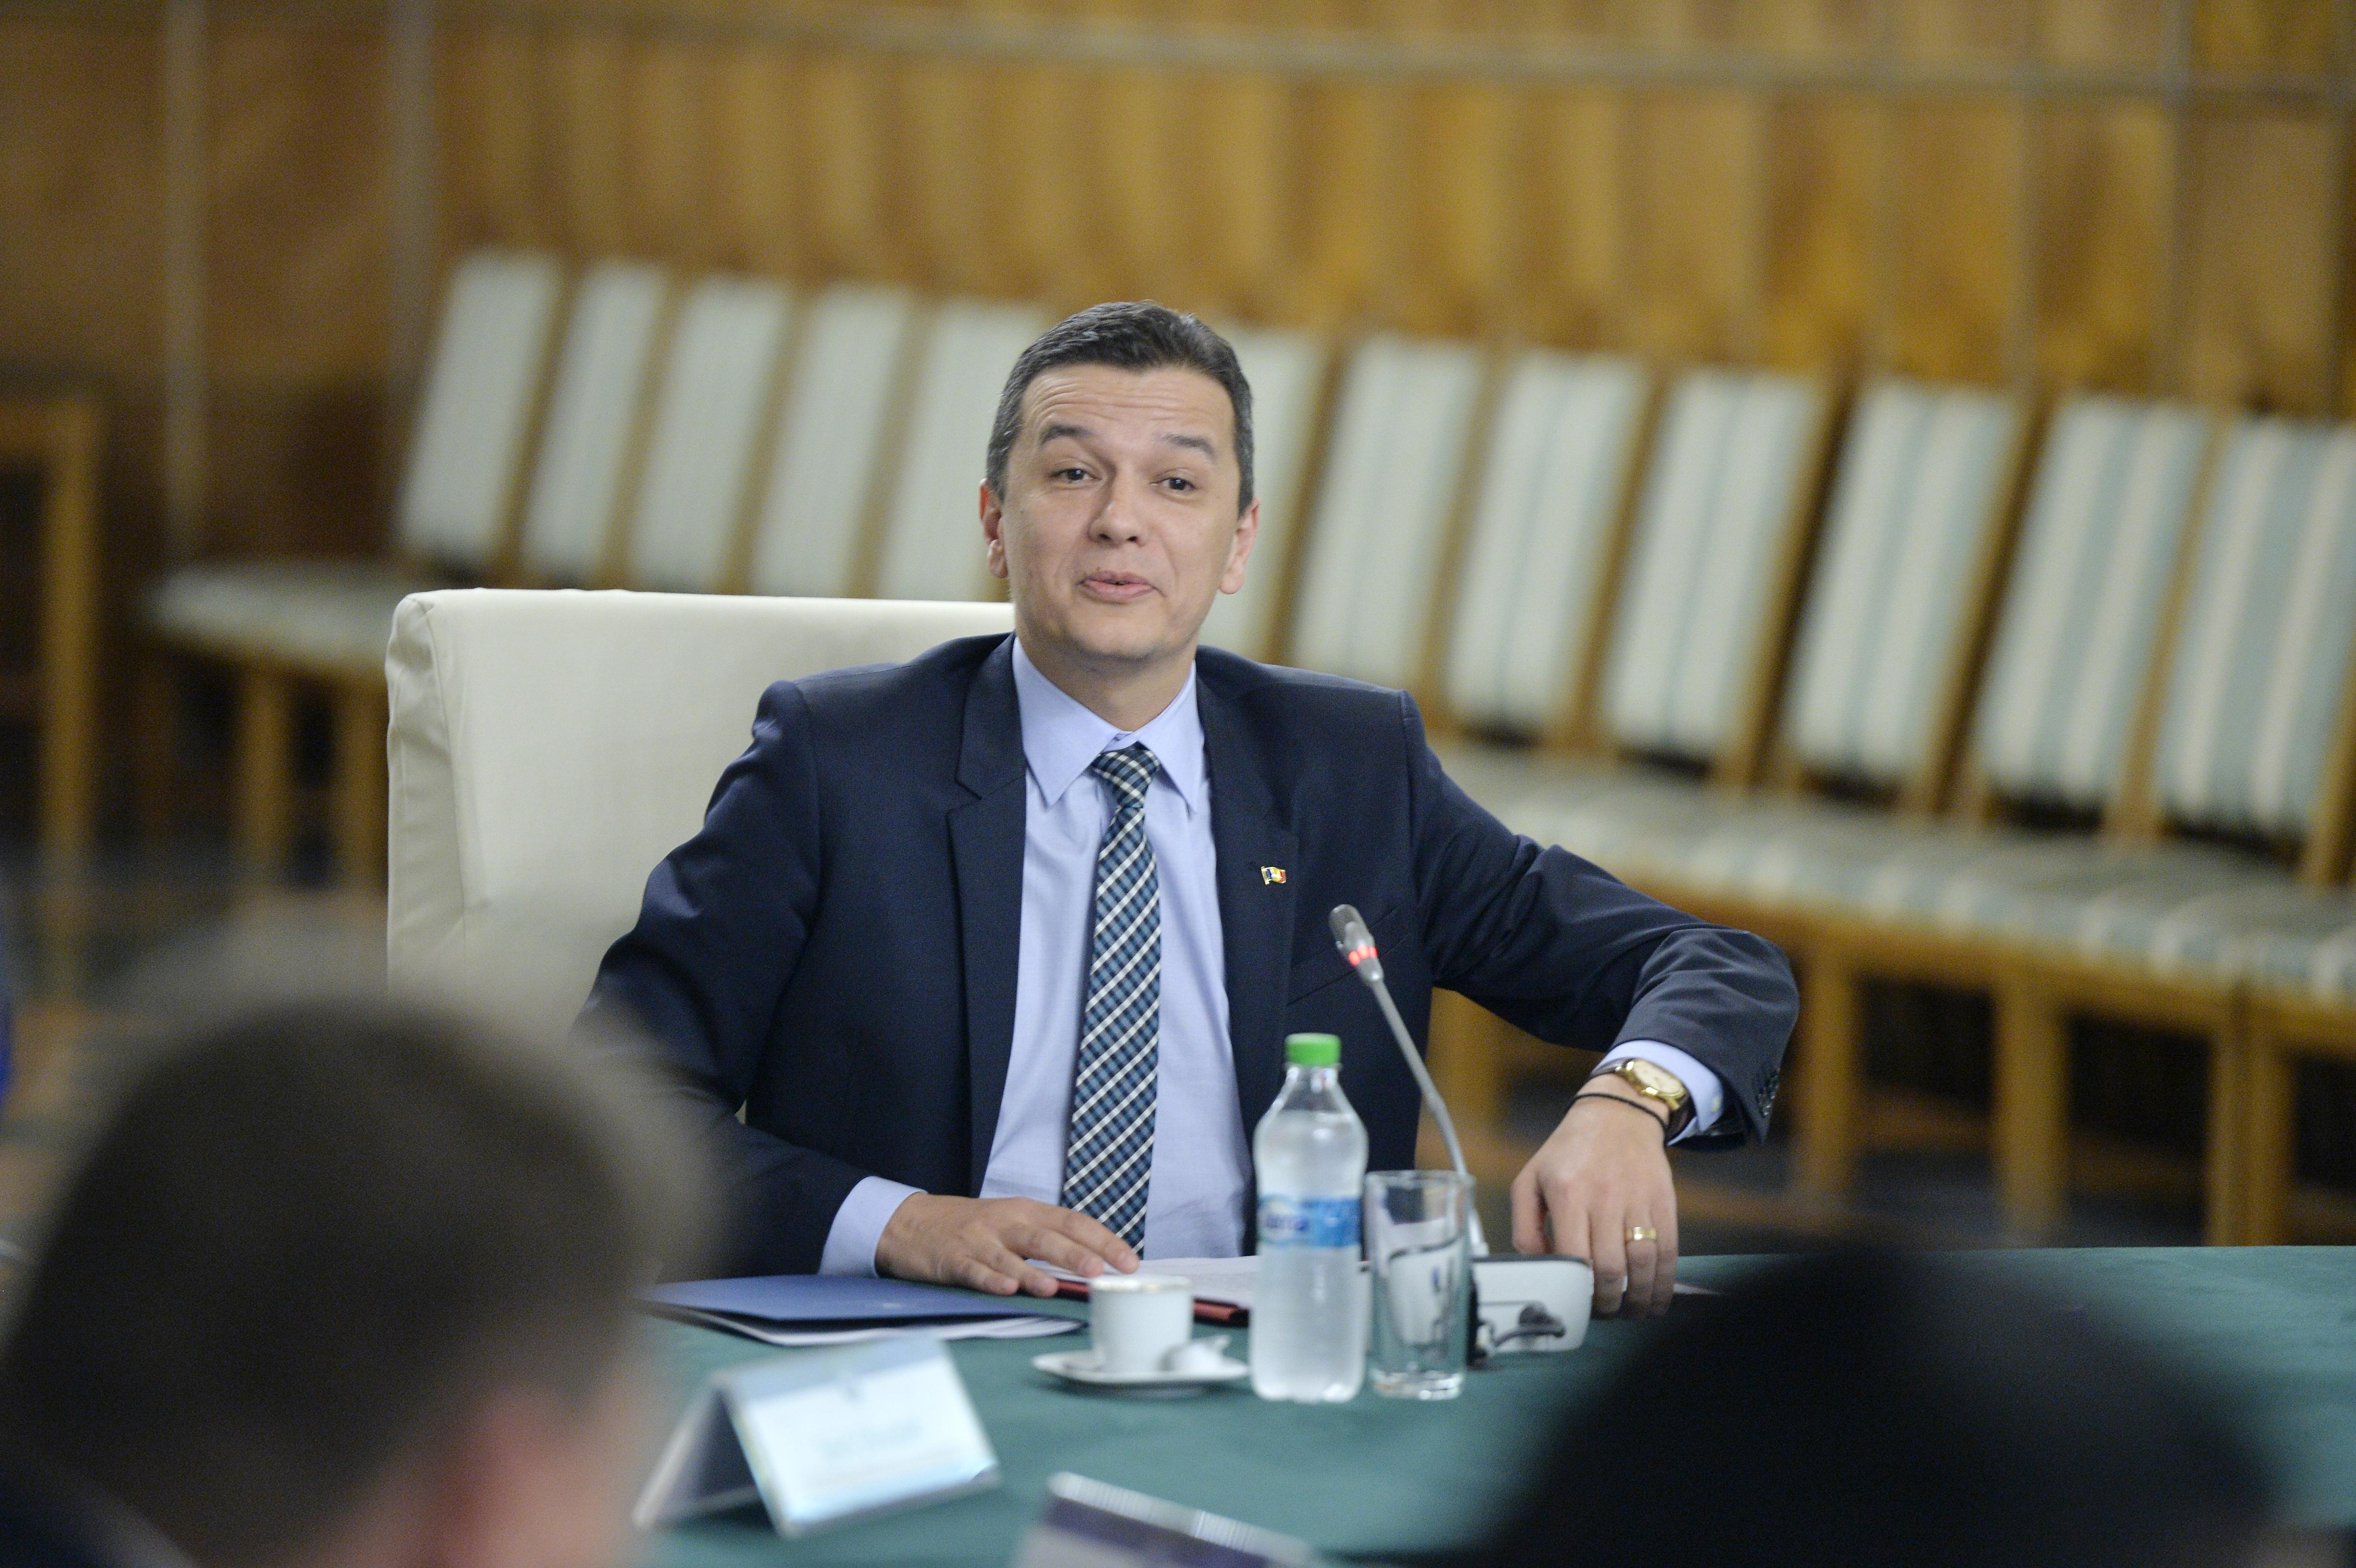 Premierul Sorin Grindeanu, răspuns pentru Liviu Dragnea: Dacă eram parlamentar, votam Legea salarizării `cu două mâini`